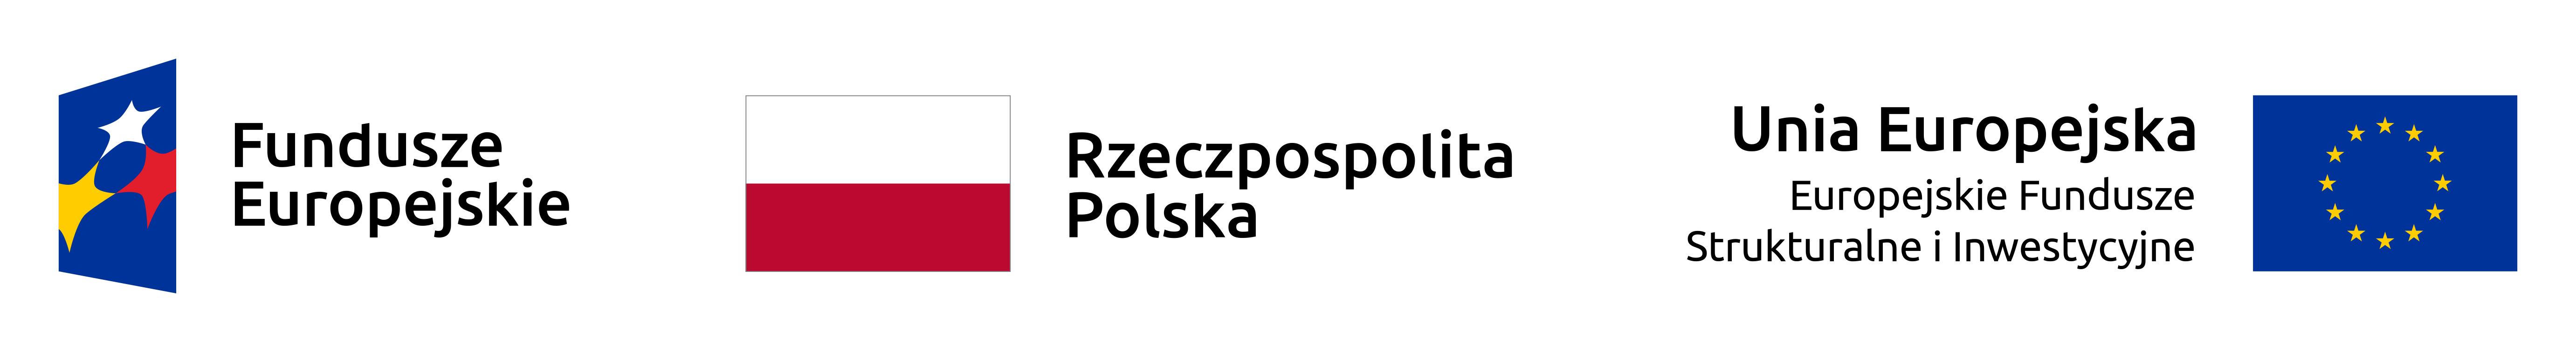 FE_poziom_pl